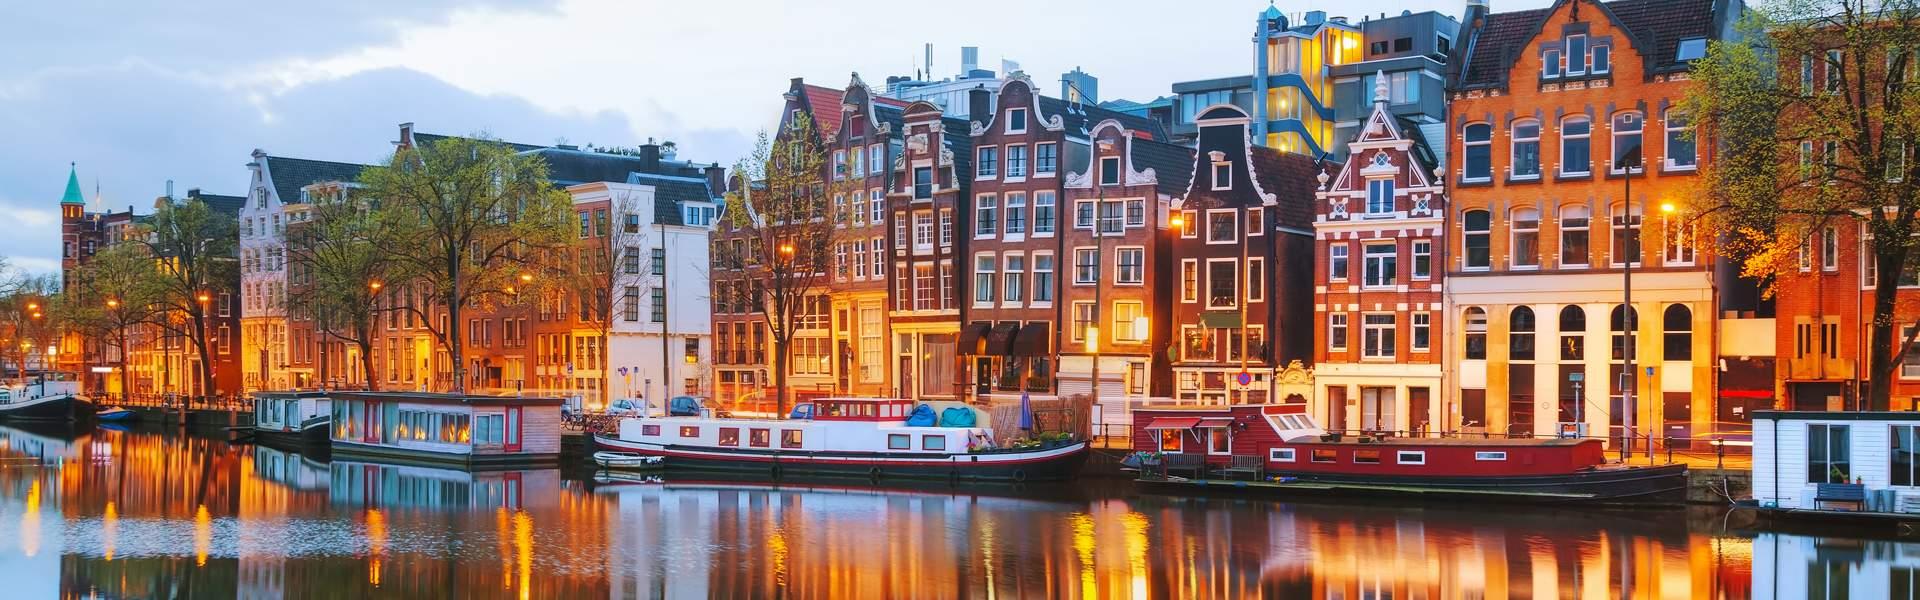 γνωριμίες Άμστερνταμ καθηγητές που χρονολογούνται από τις ιστορίες φοιτητών